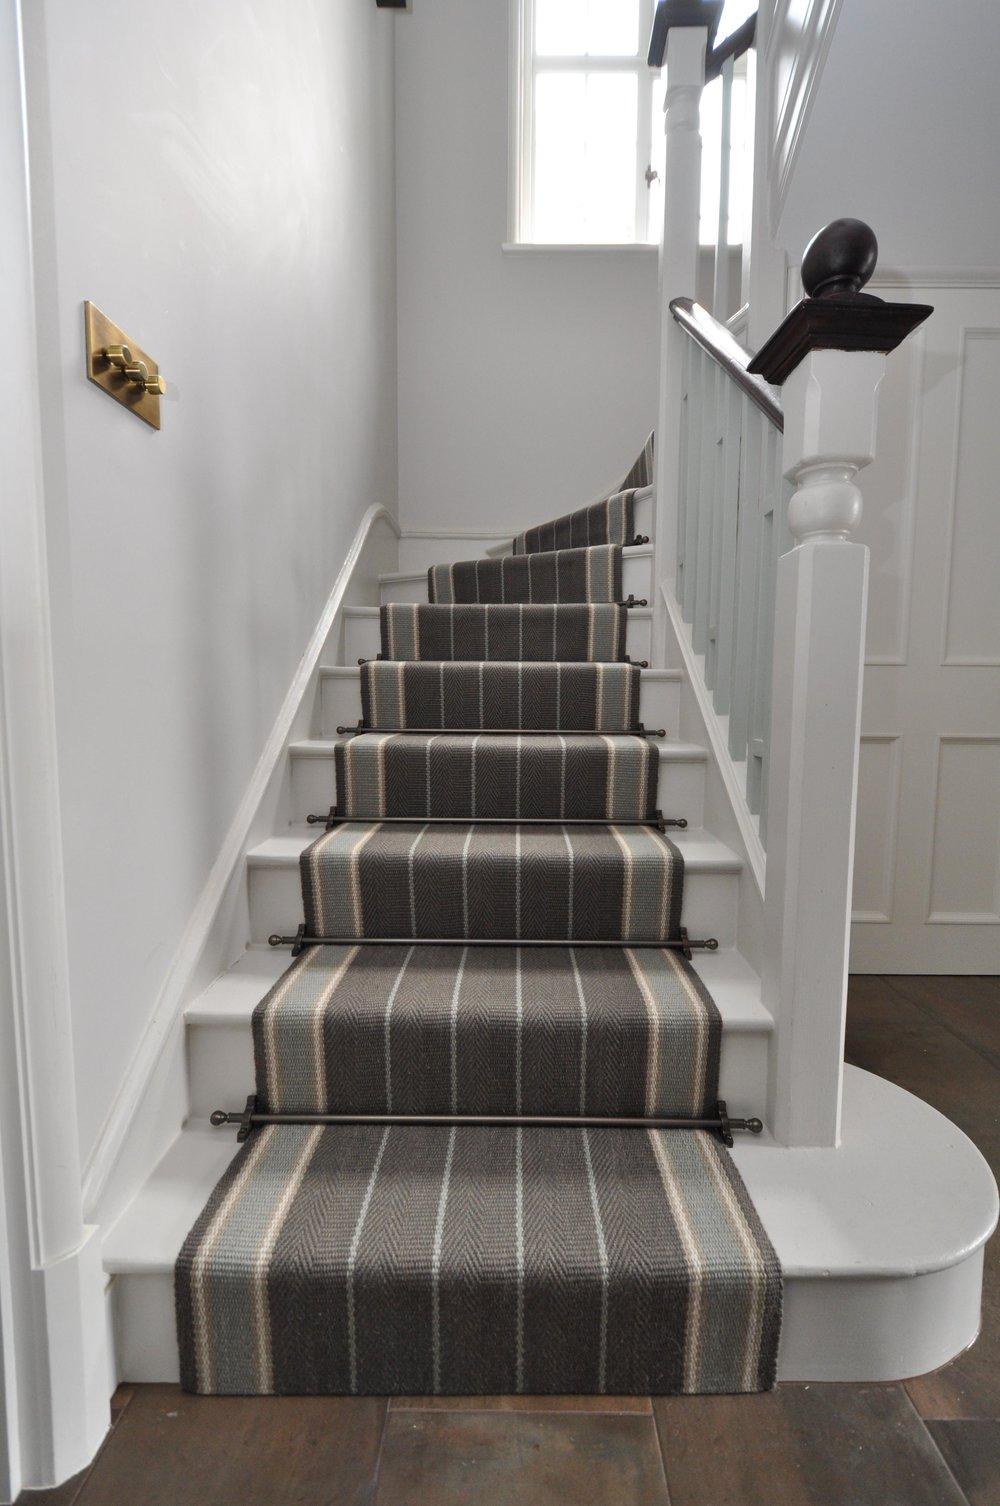 flatweave-stair-runner-london-bowloom-carpet-off-the-loom-DSC_1502.jpg